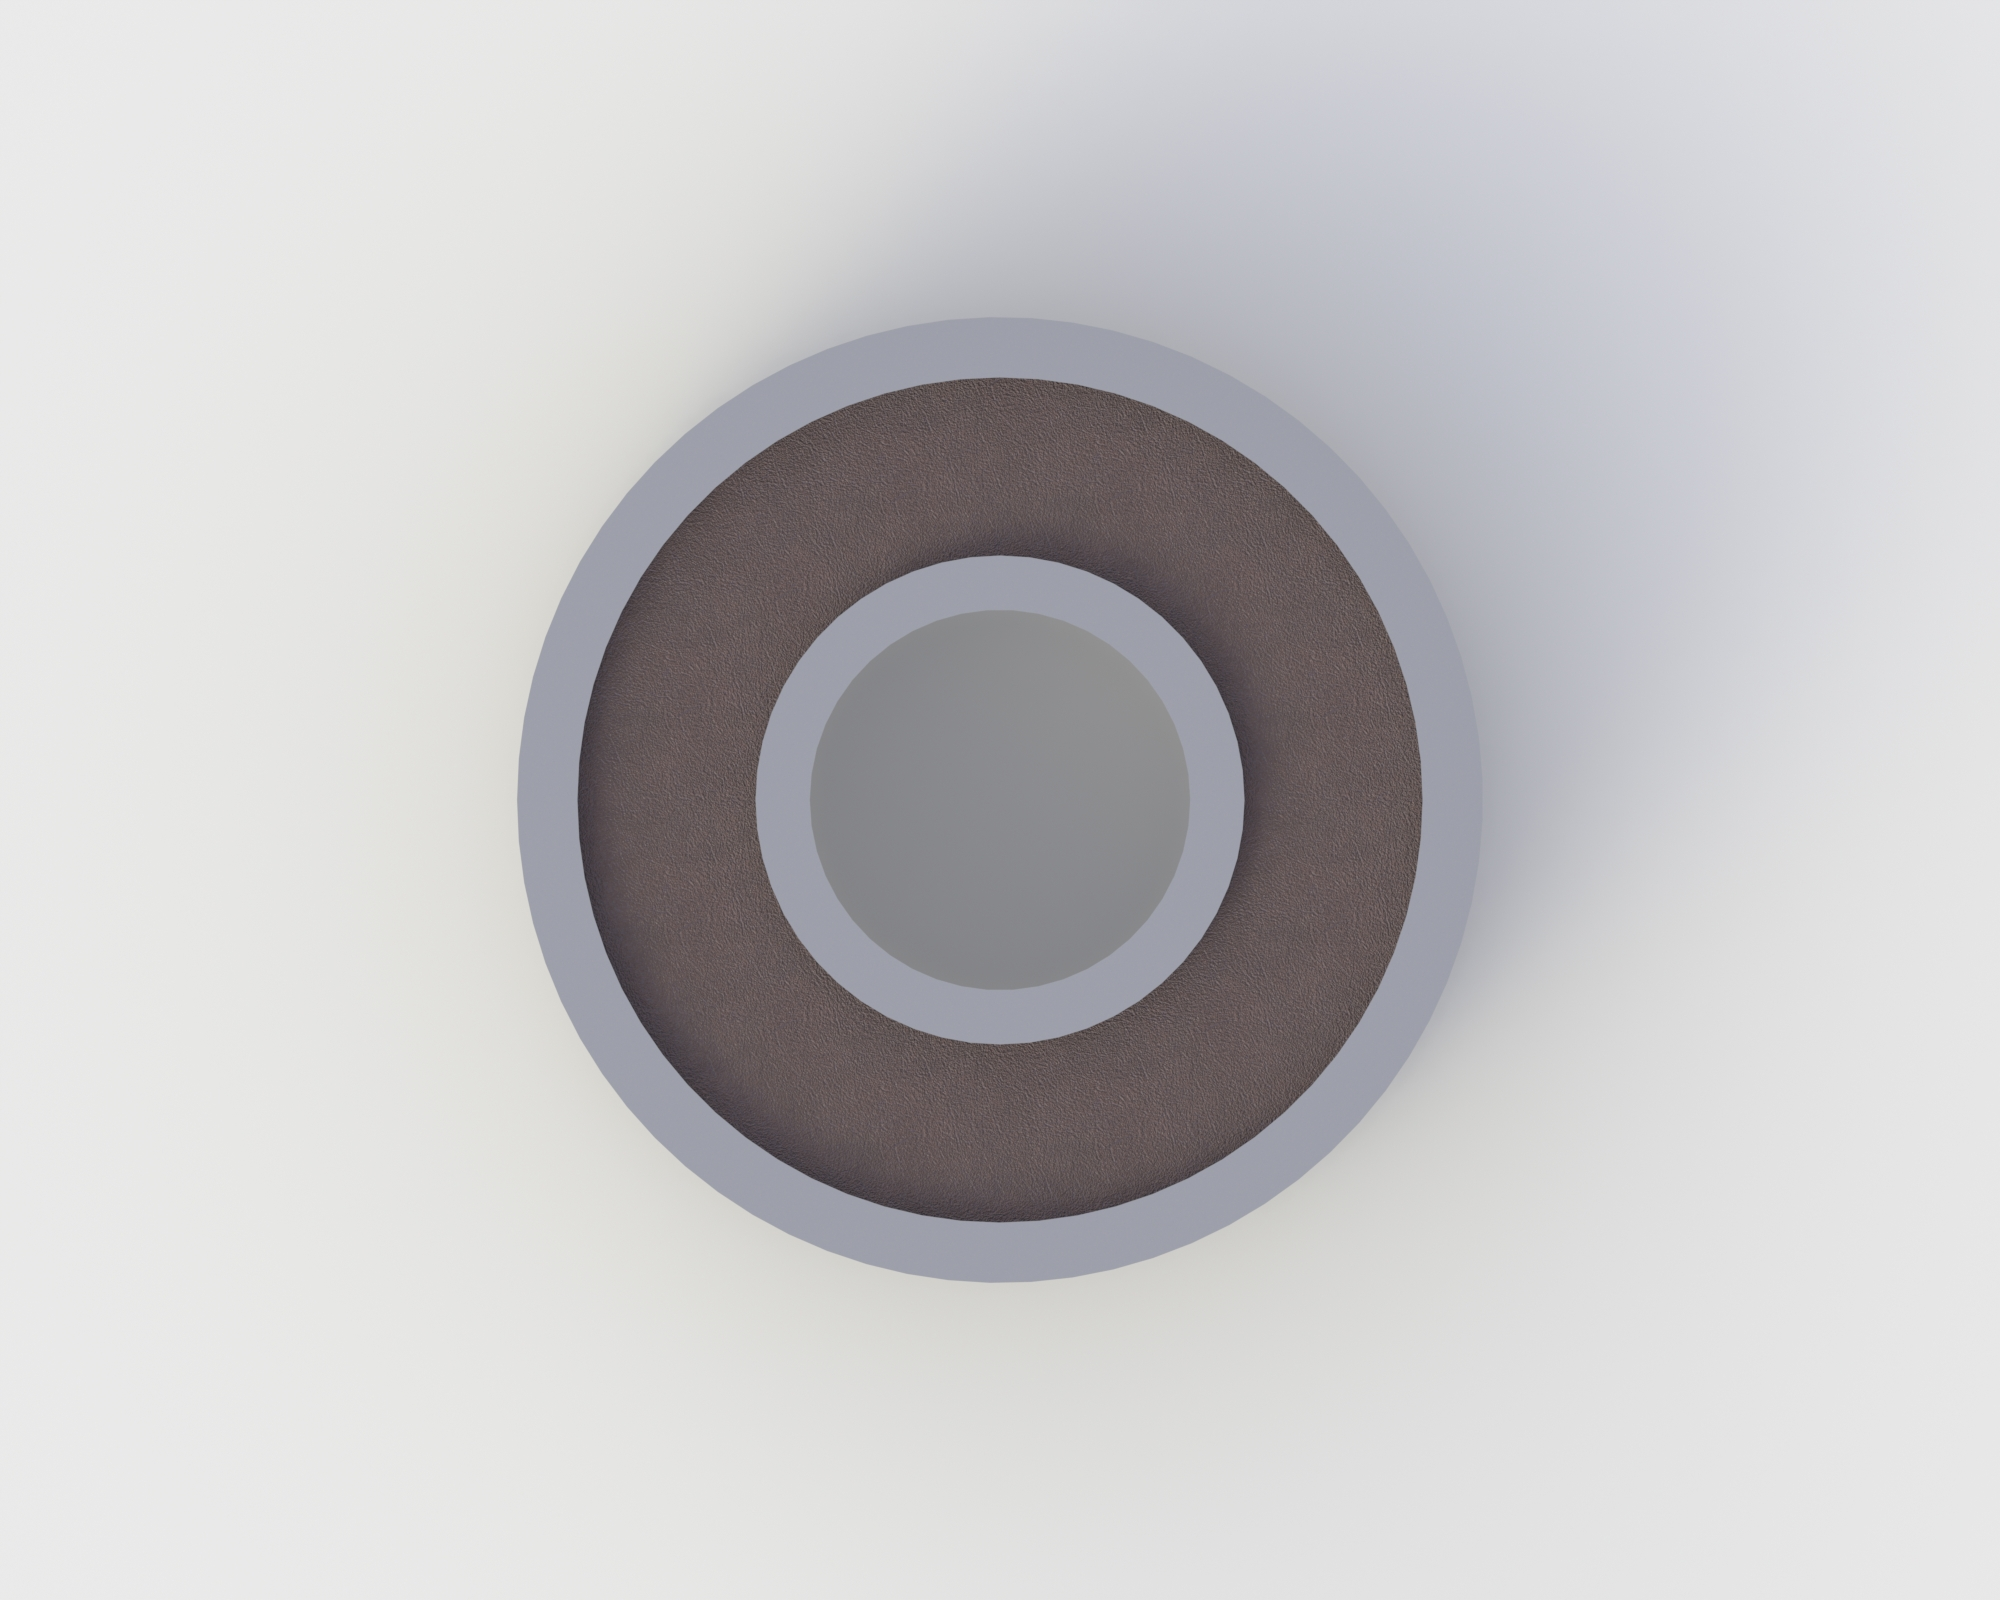 Bien Air Bearing - Ceramic